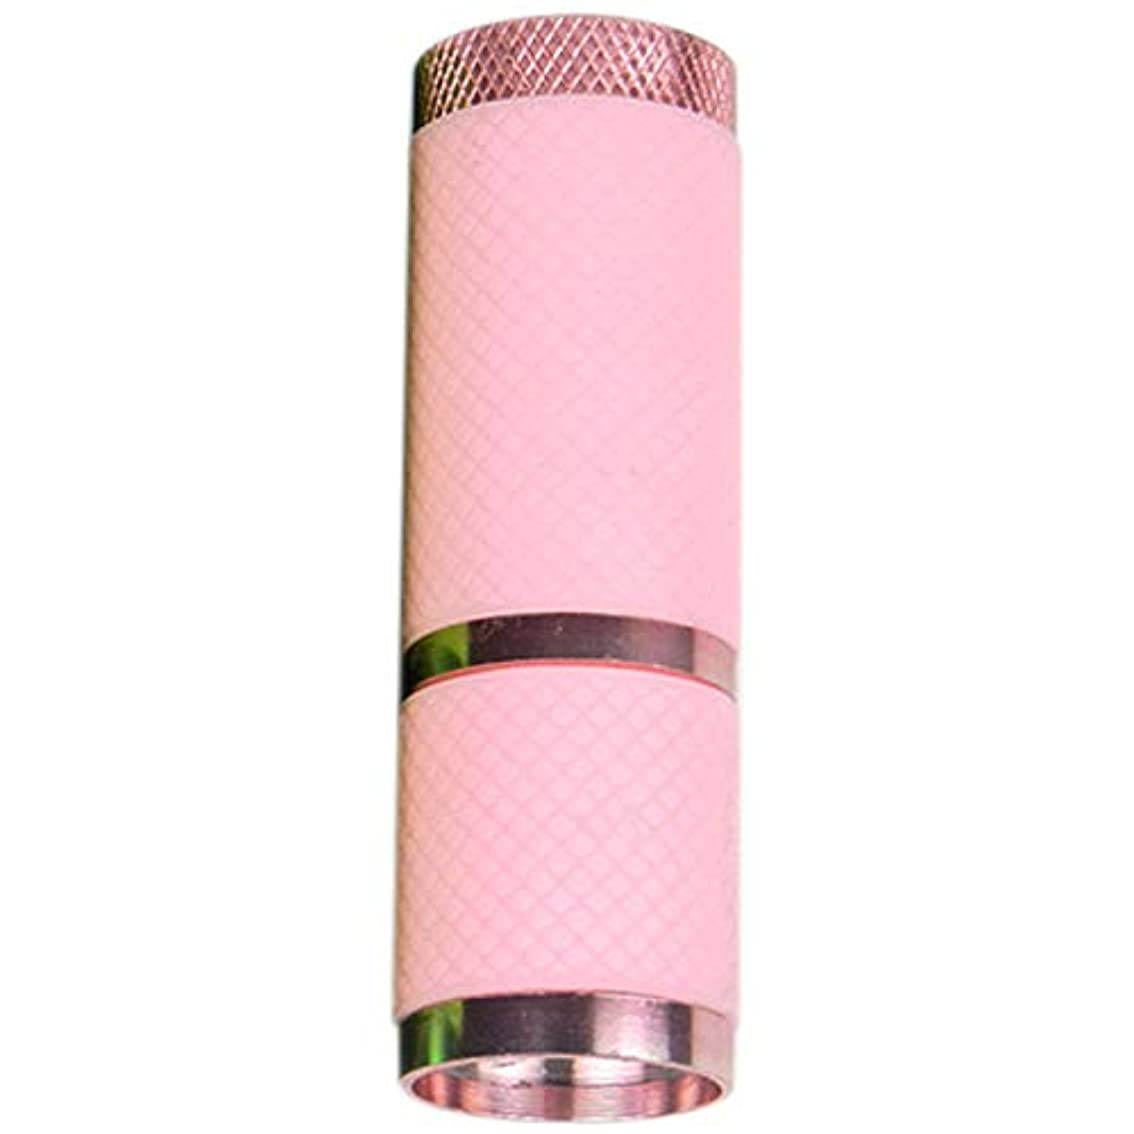 憂鬱活性化役員SODIAL 照明乾燥ネイルポリッシュ懐中電灯9 ledミニネイル懐中電灯ポータブルネイルポリッシュドライヤー紫外線ジェルドライヤー、ピンク